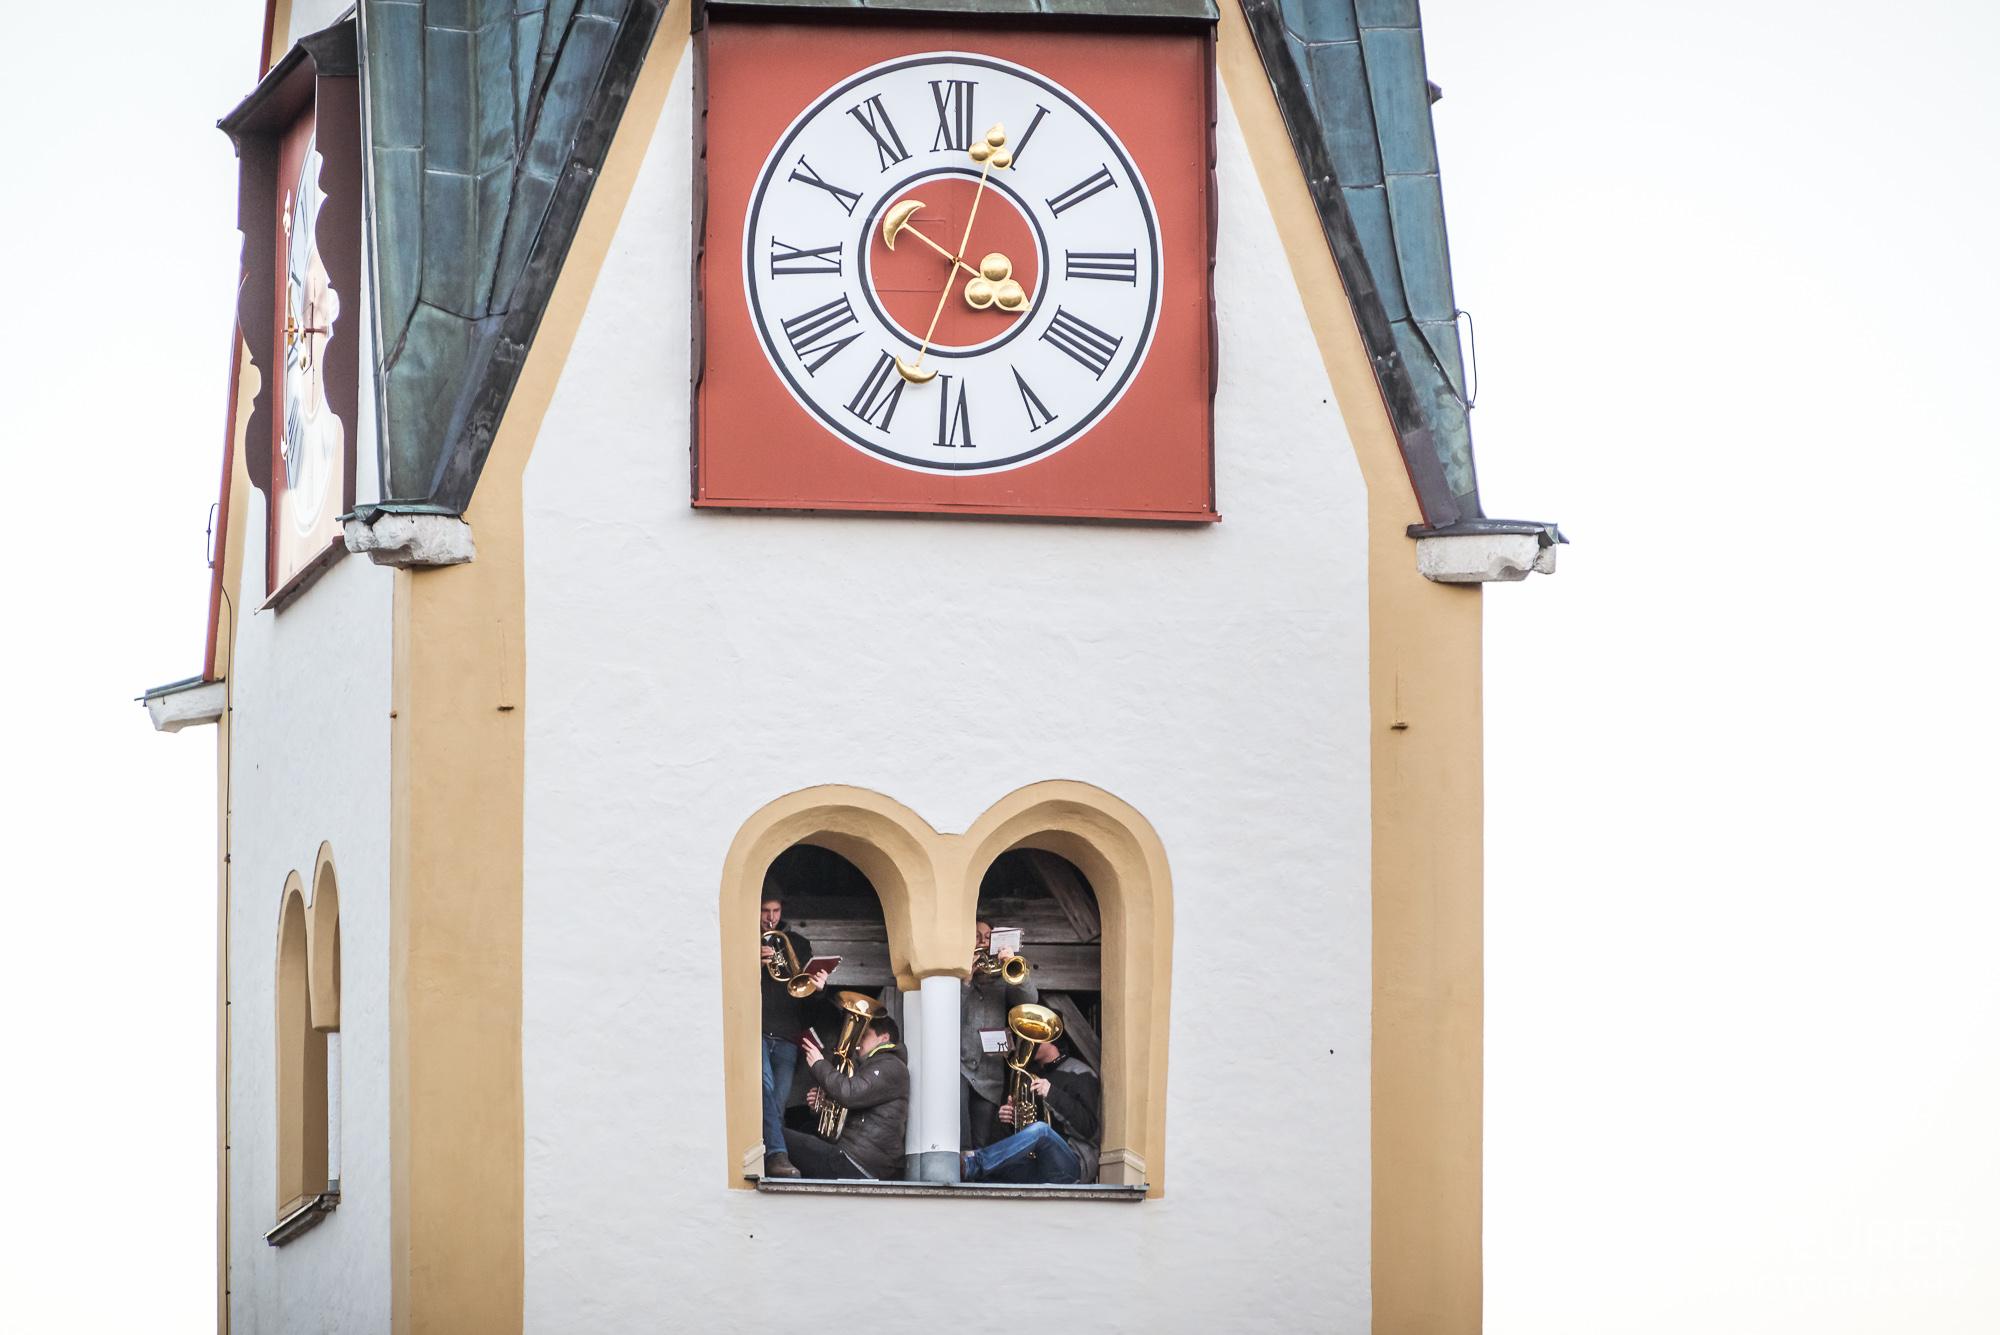 Turmbläser Heilig Abend Abtenau